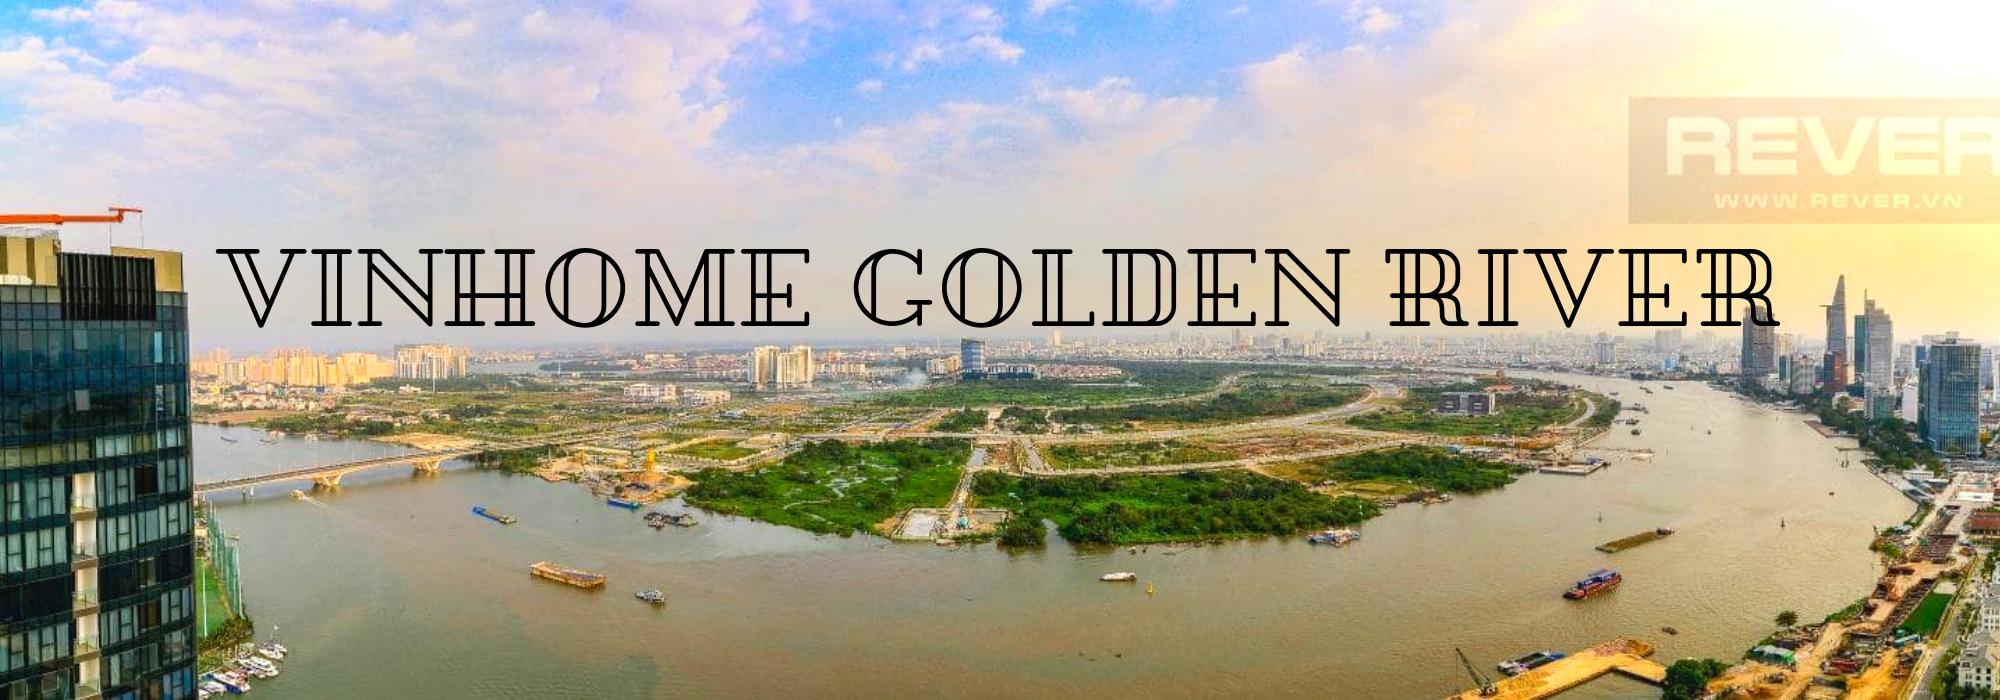 Vinhome Golden River – căn hộ 4 phòng ngủ – view sông và CBD